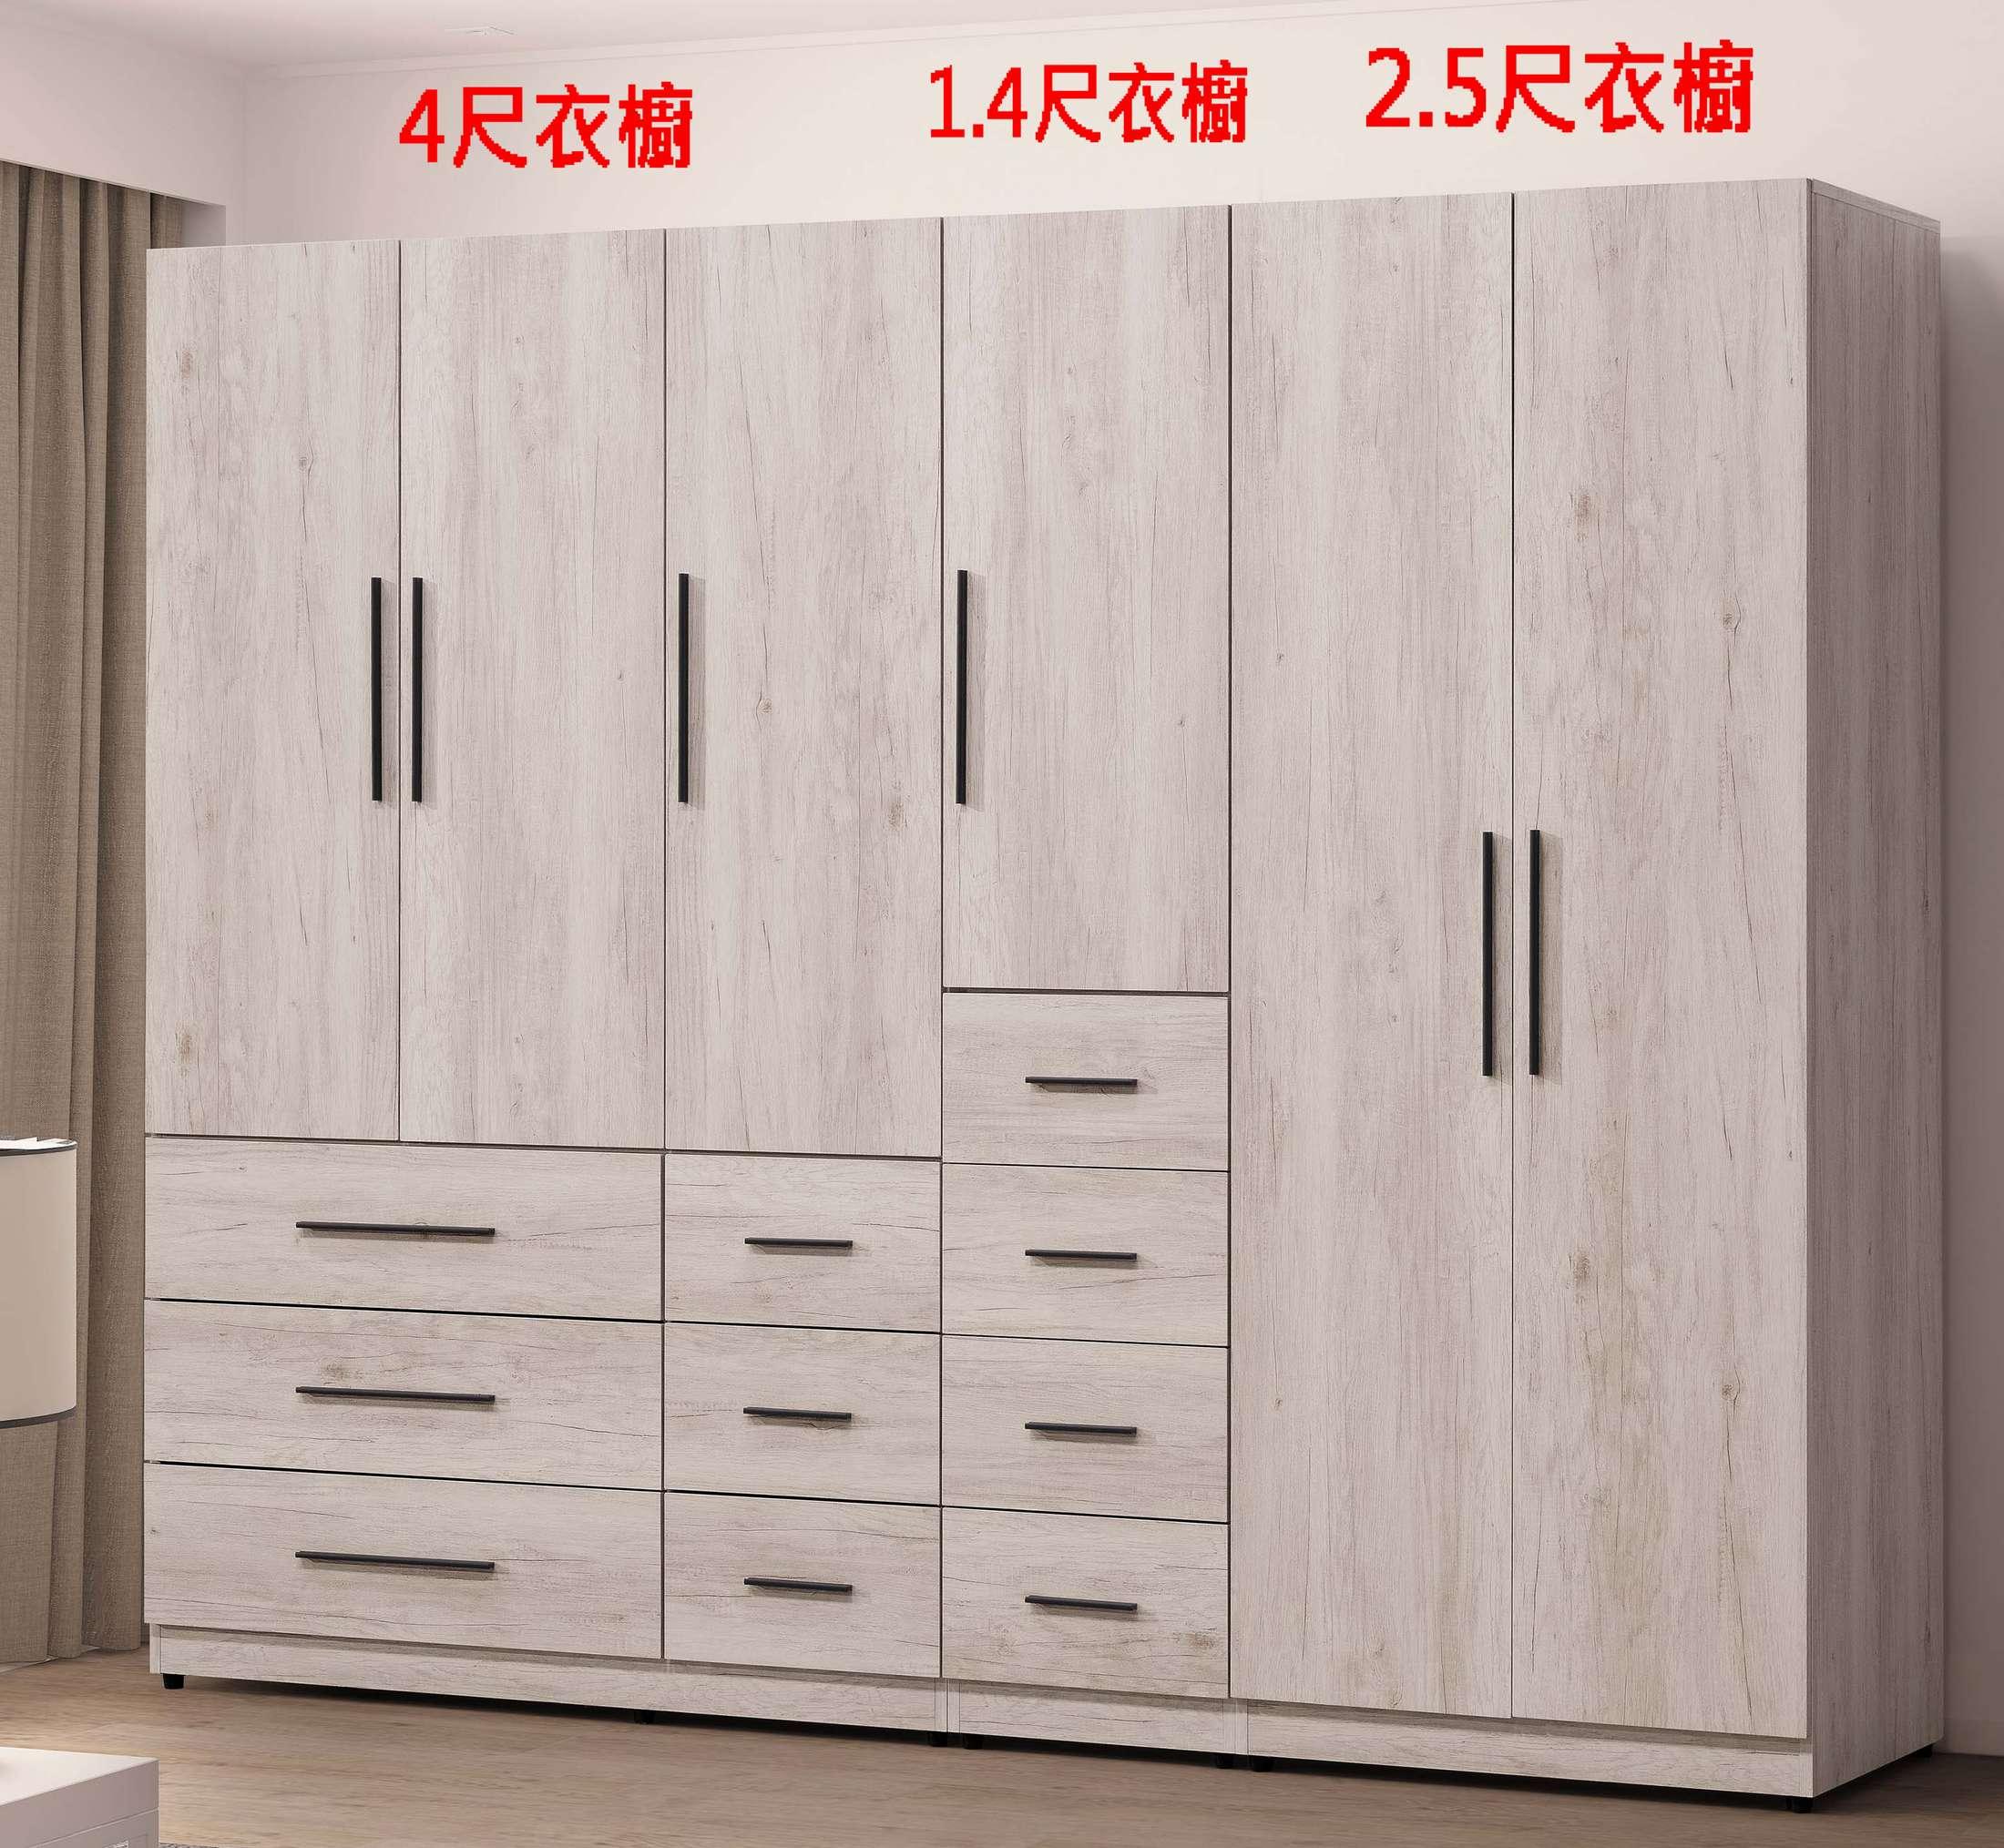 簡單家具,SB016-2 凱特古橡色4尺衣櫥(另售1.4尺、2.5尺衣櫥),大台北都會區免運費